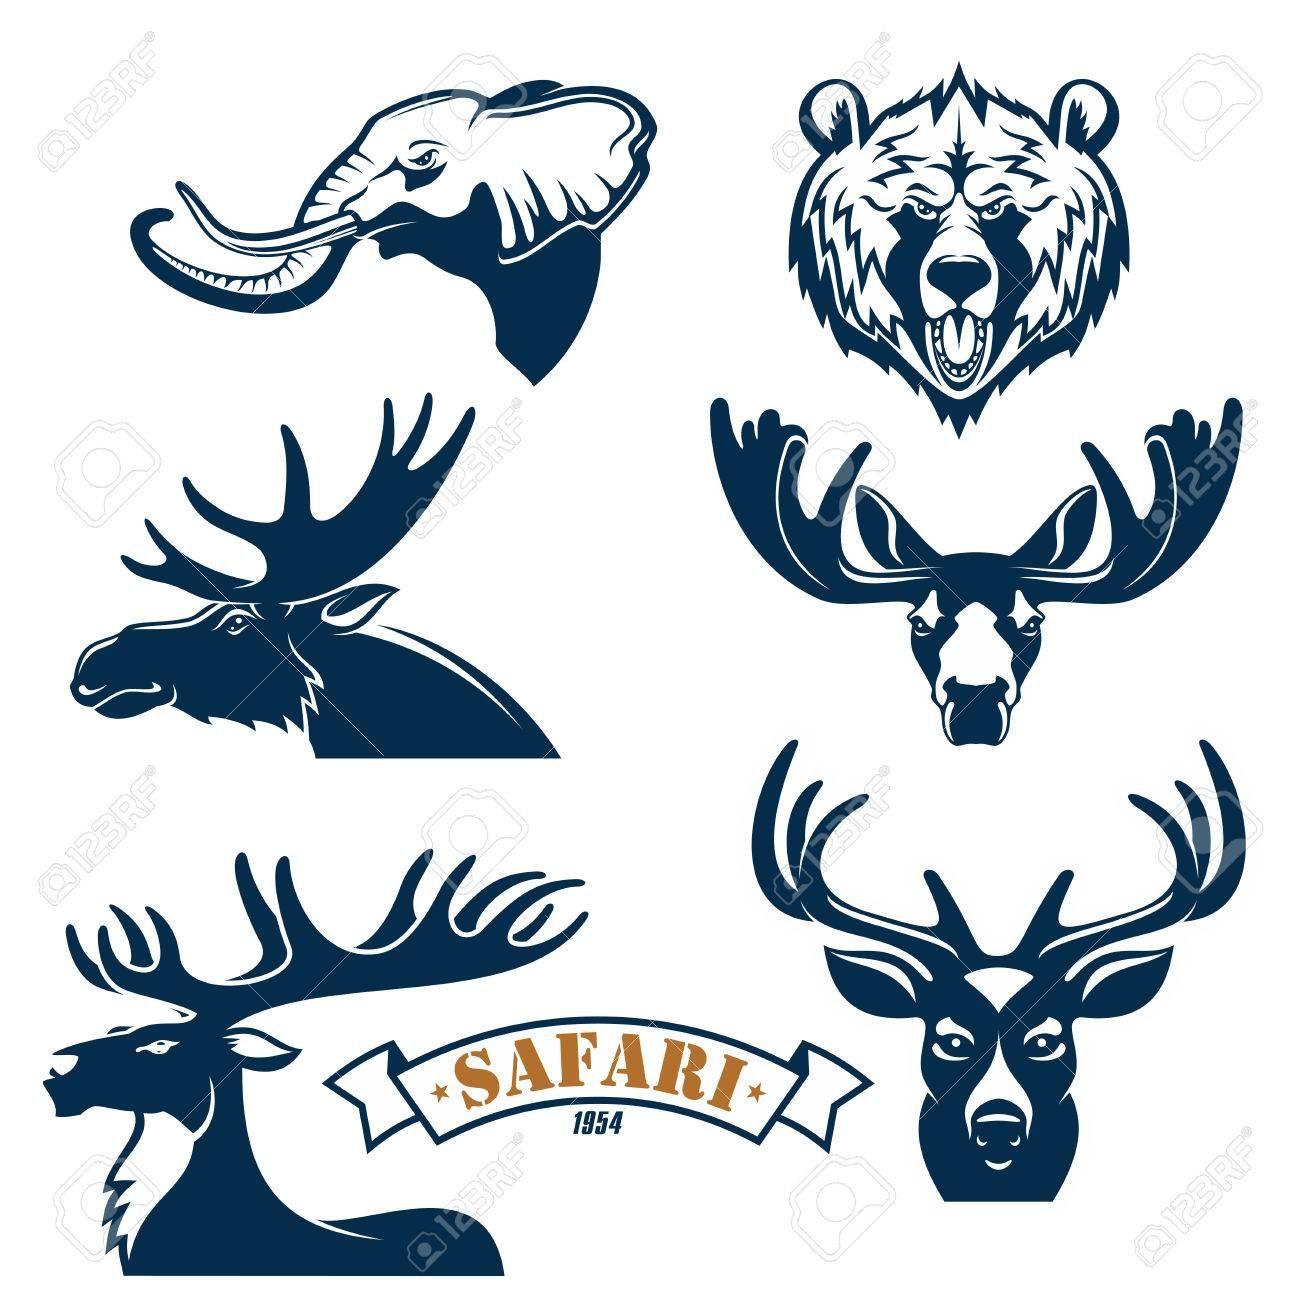 caza emblemas del club y de conjunto de iconos safari insignias caza ...